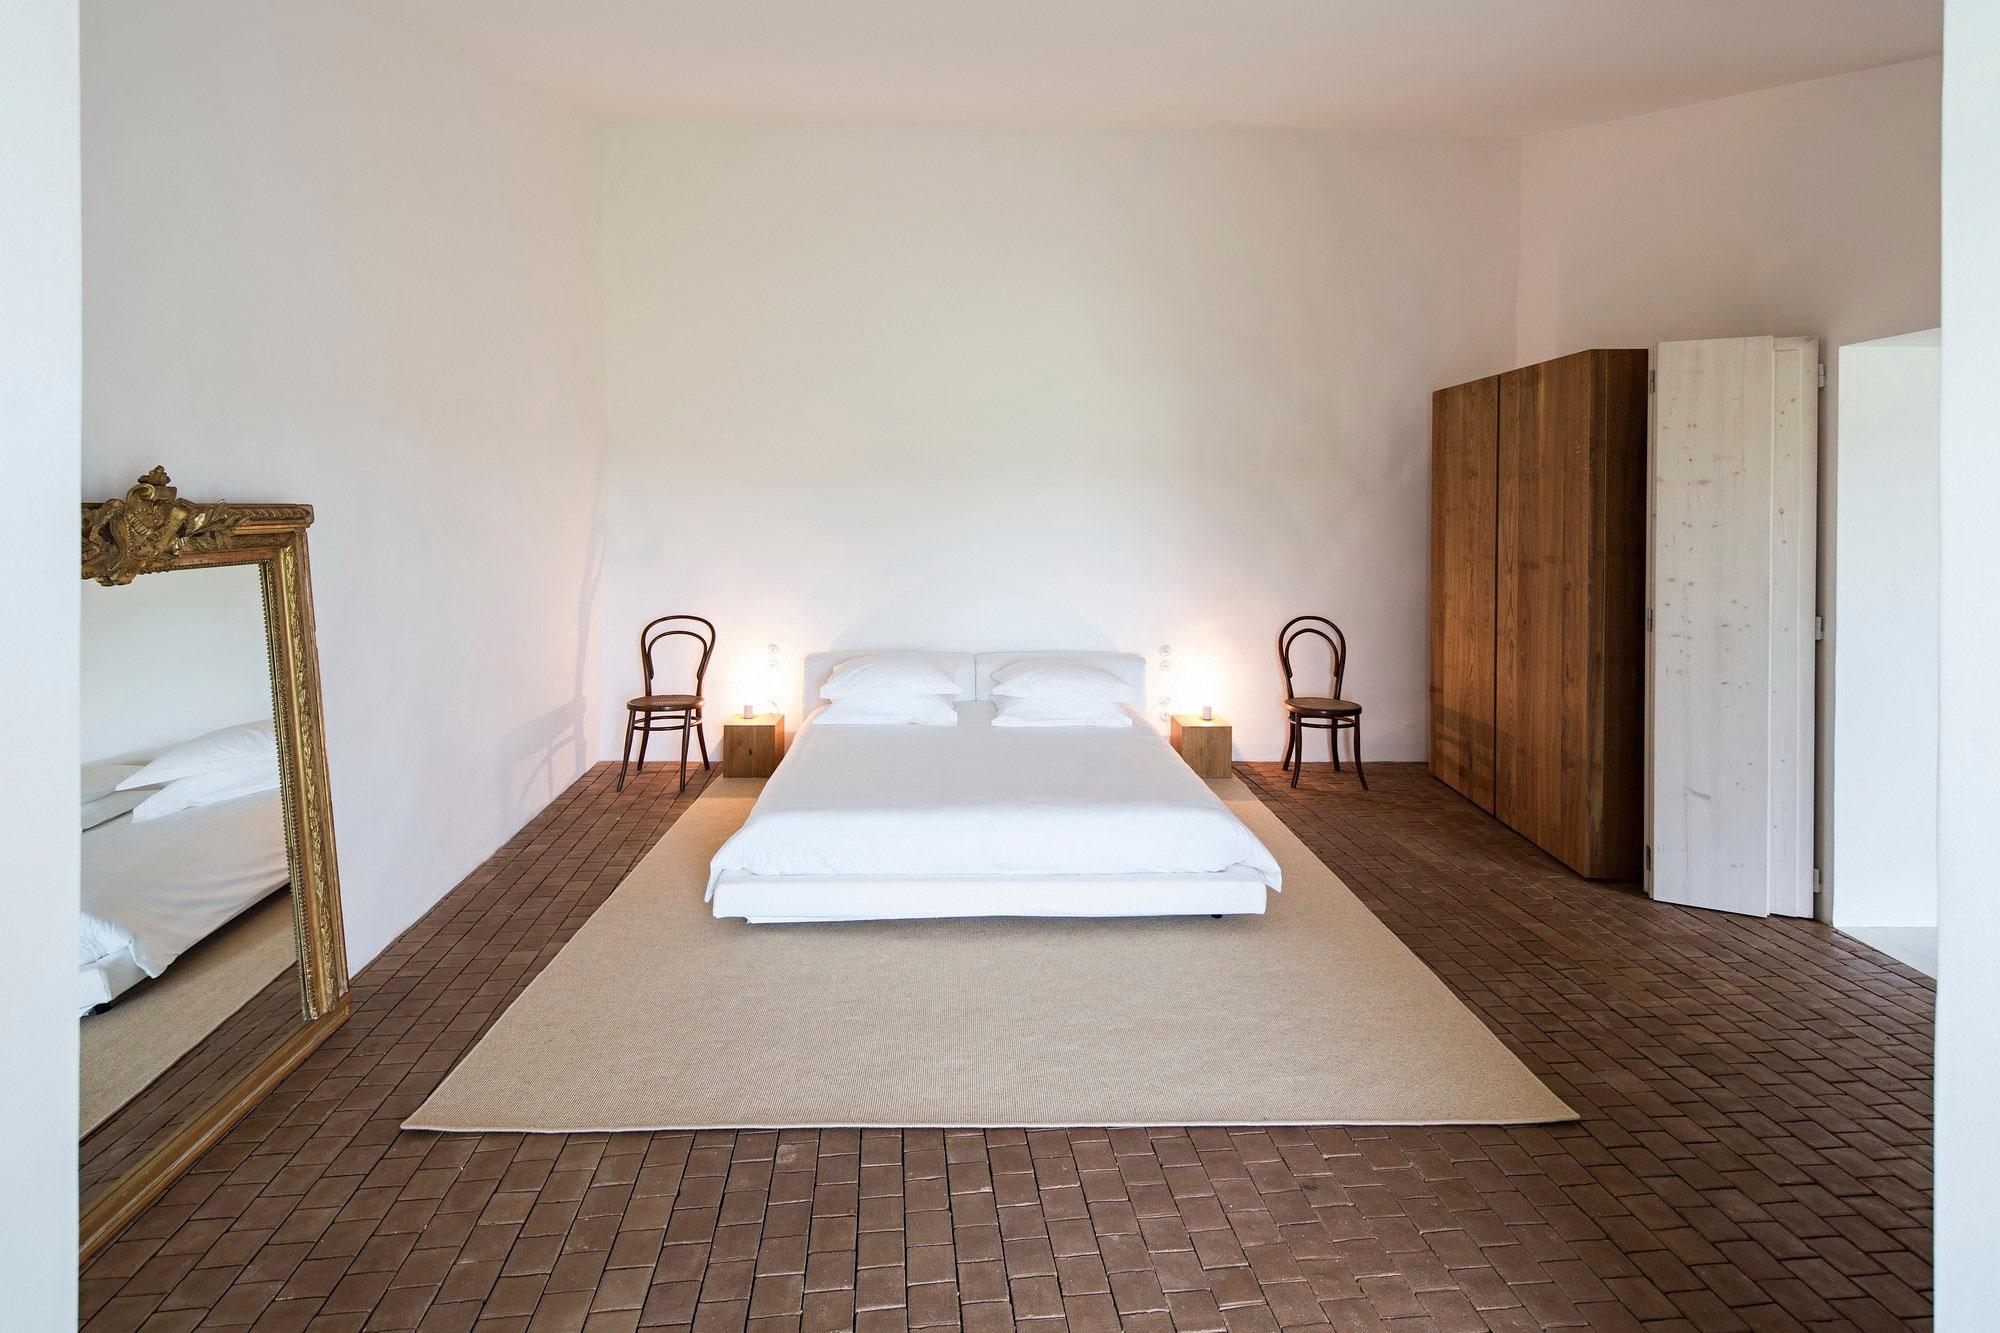 Bedroom, Rug, Large Mirror